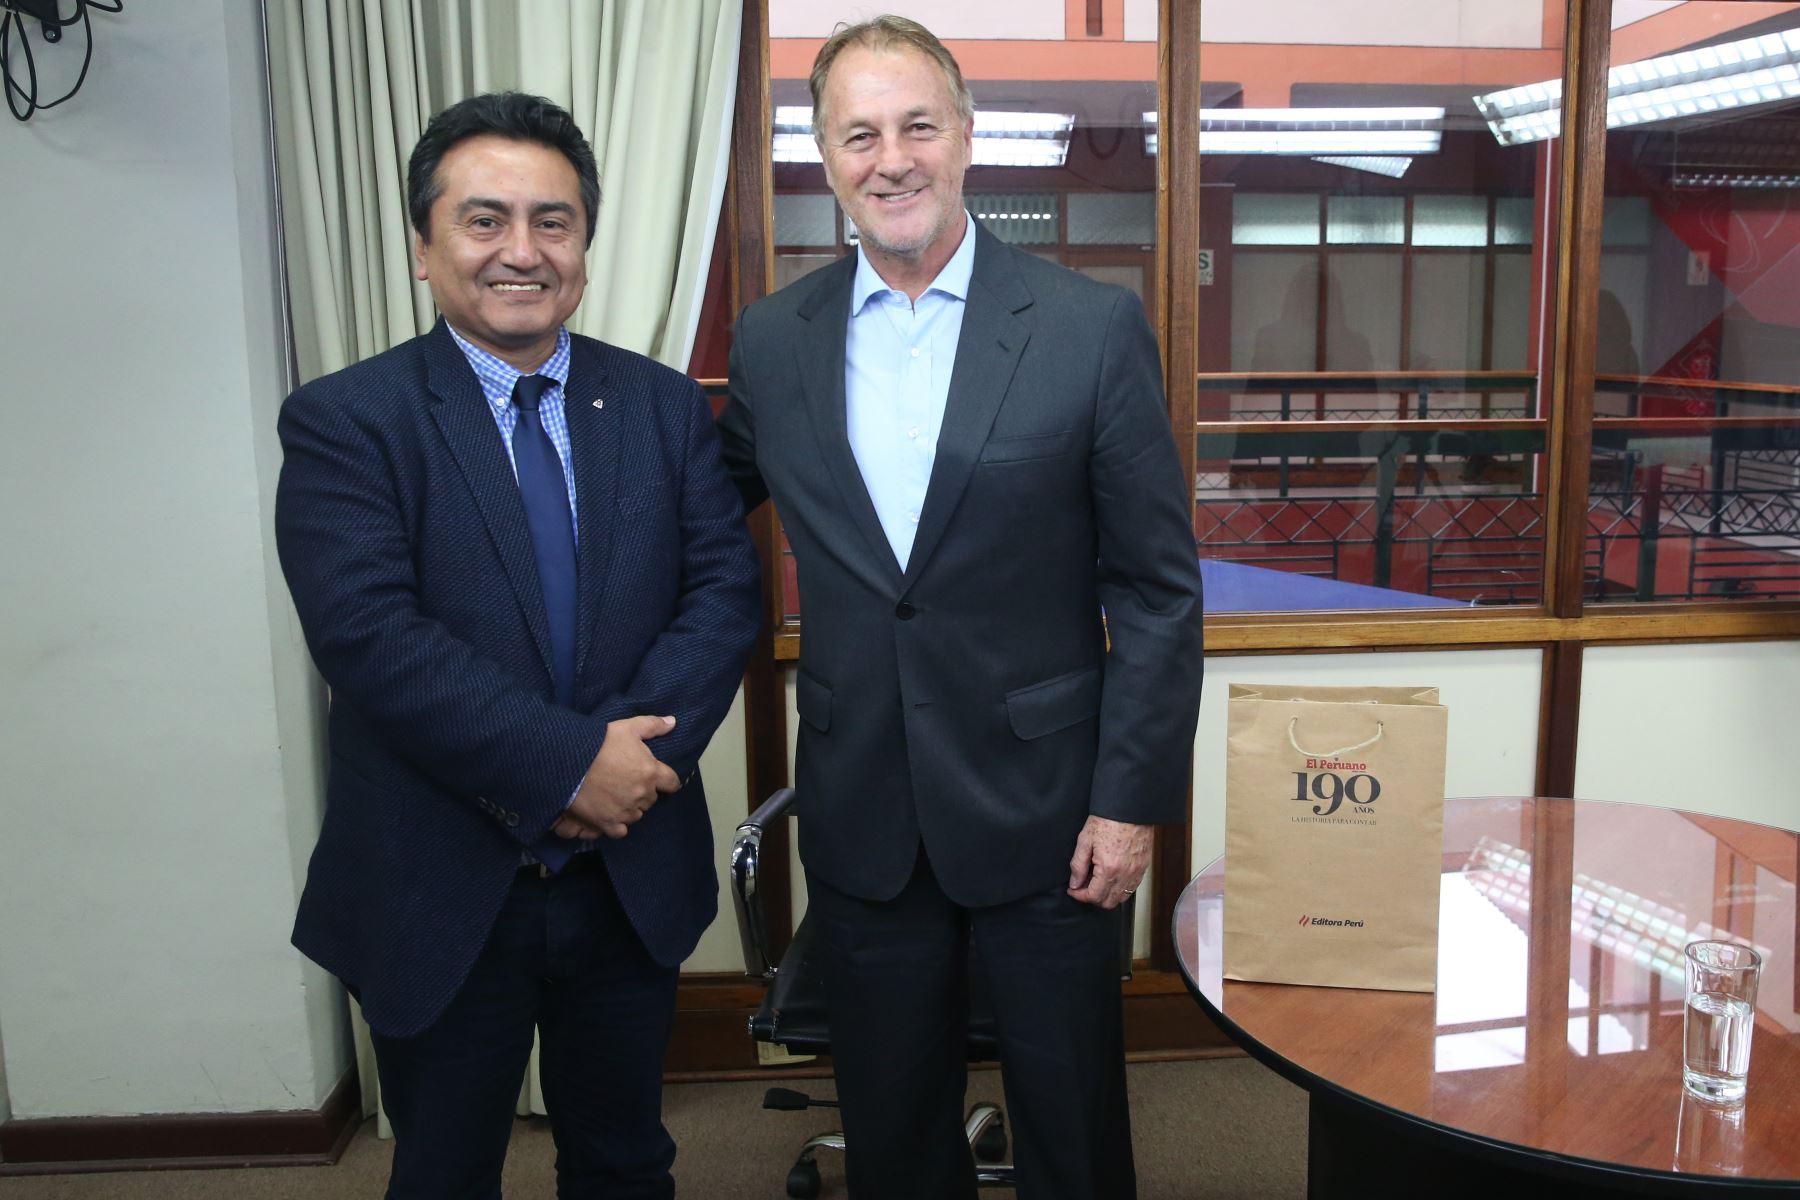 Alcalde de Lima, Jorge Muñoz es recibido por el director del Diario El Peruano, Felix Paz en las instalaciones de Editora Perú. Foto: ANDINA/Eddy Ramos